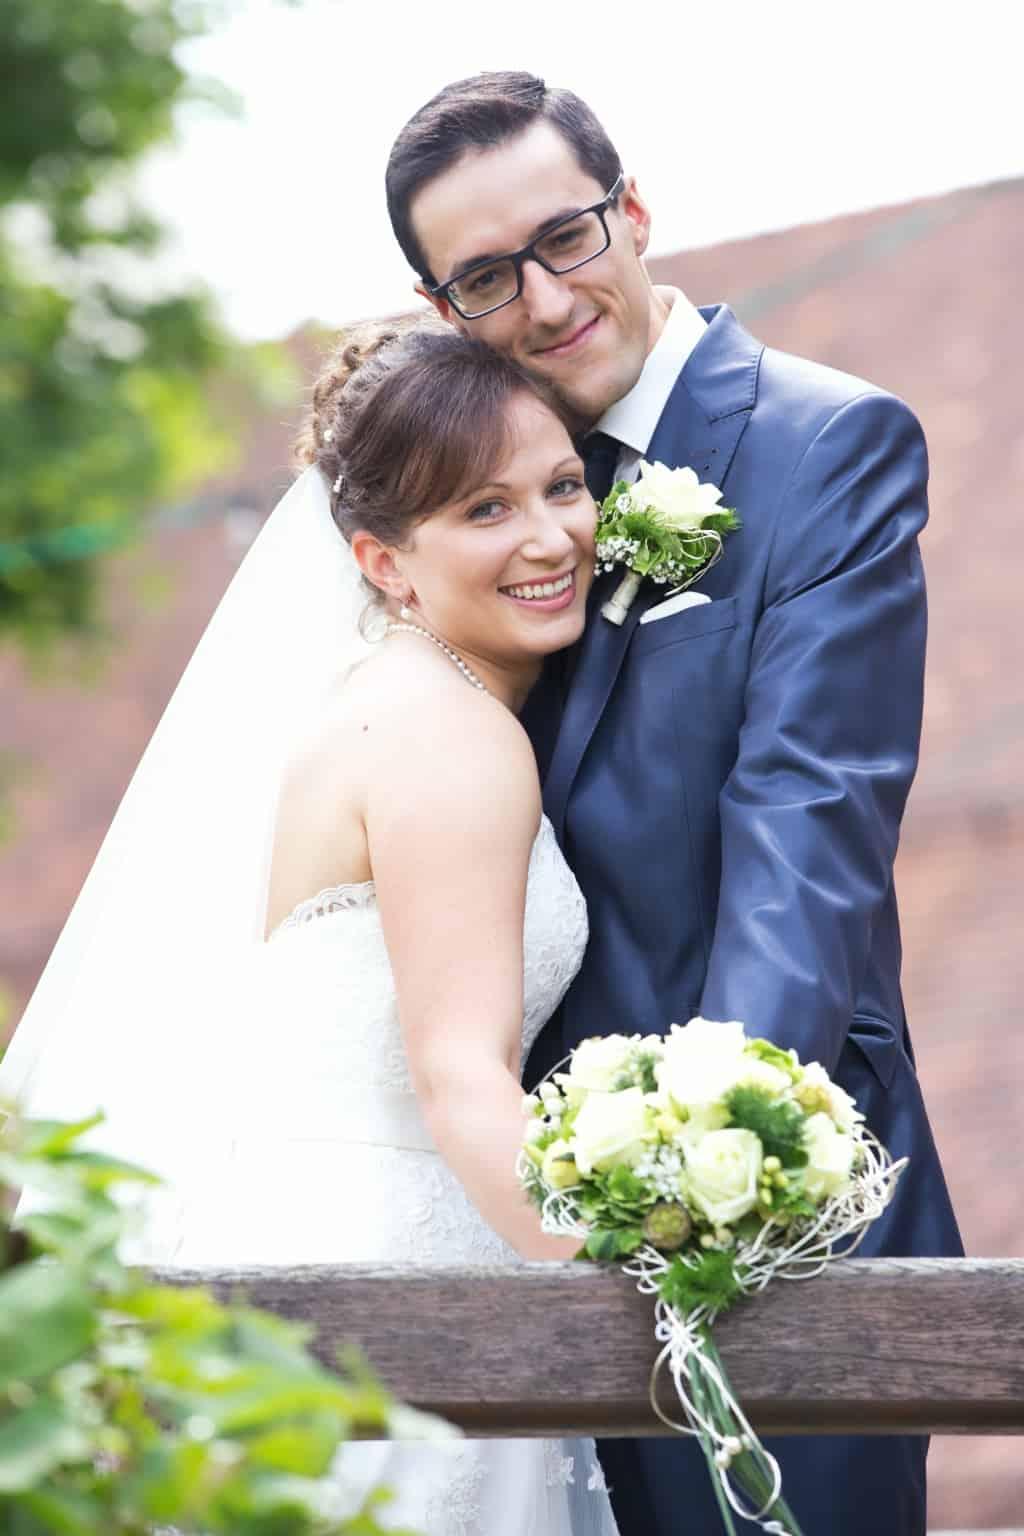 Hochzeit_Hochzeitsschmuck_Dekoration_2017 (2)